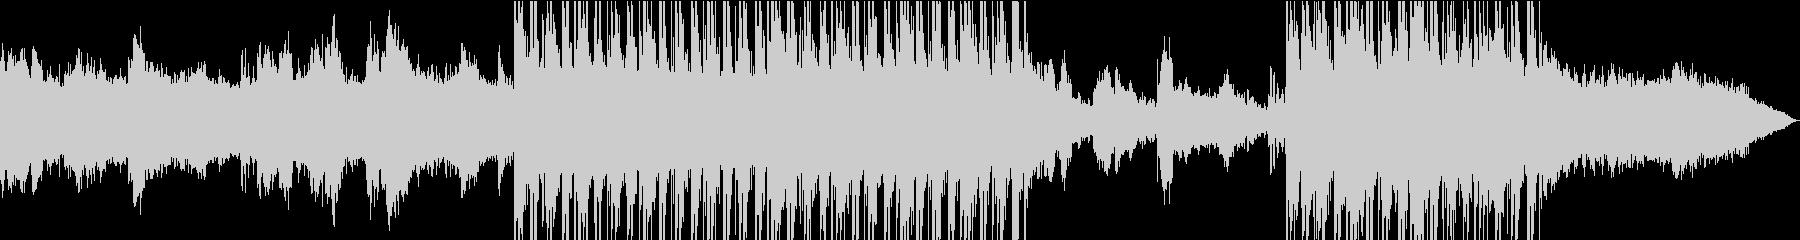 神秘的でアンビエントなエスニックサウンドの未再生の波形